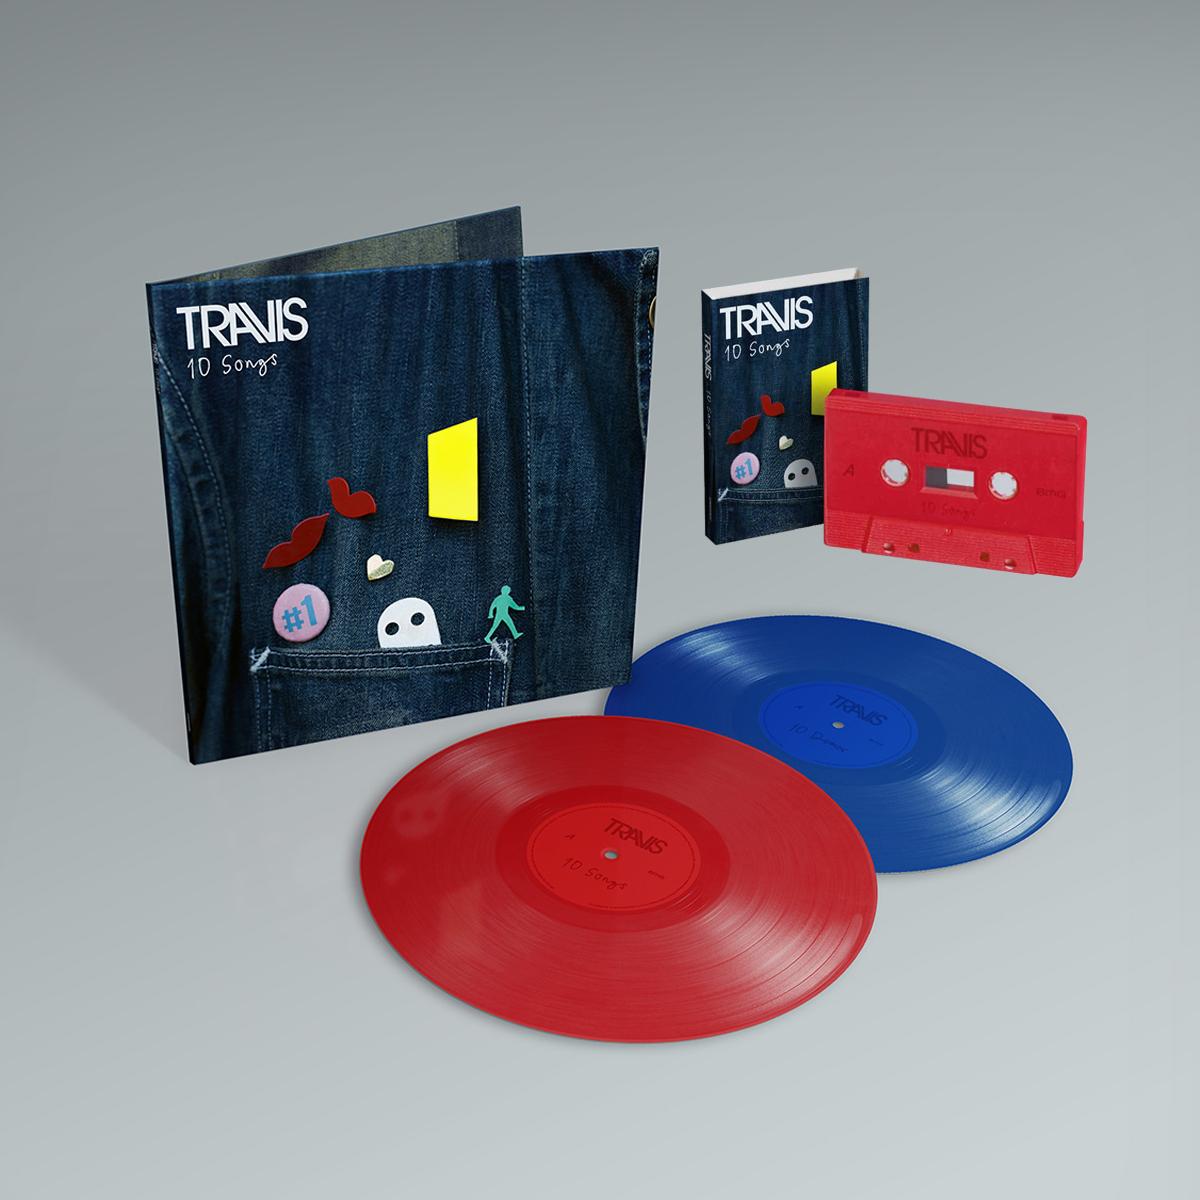 10 Songs Cassette Bundle